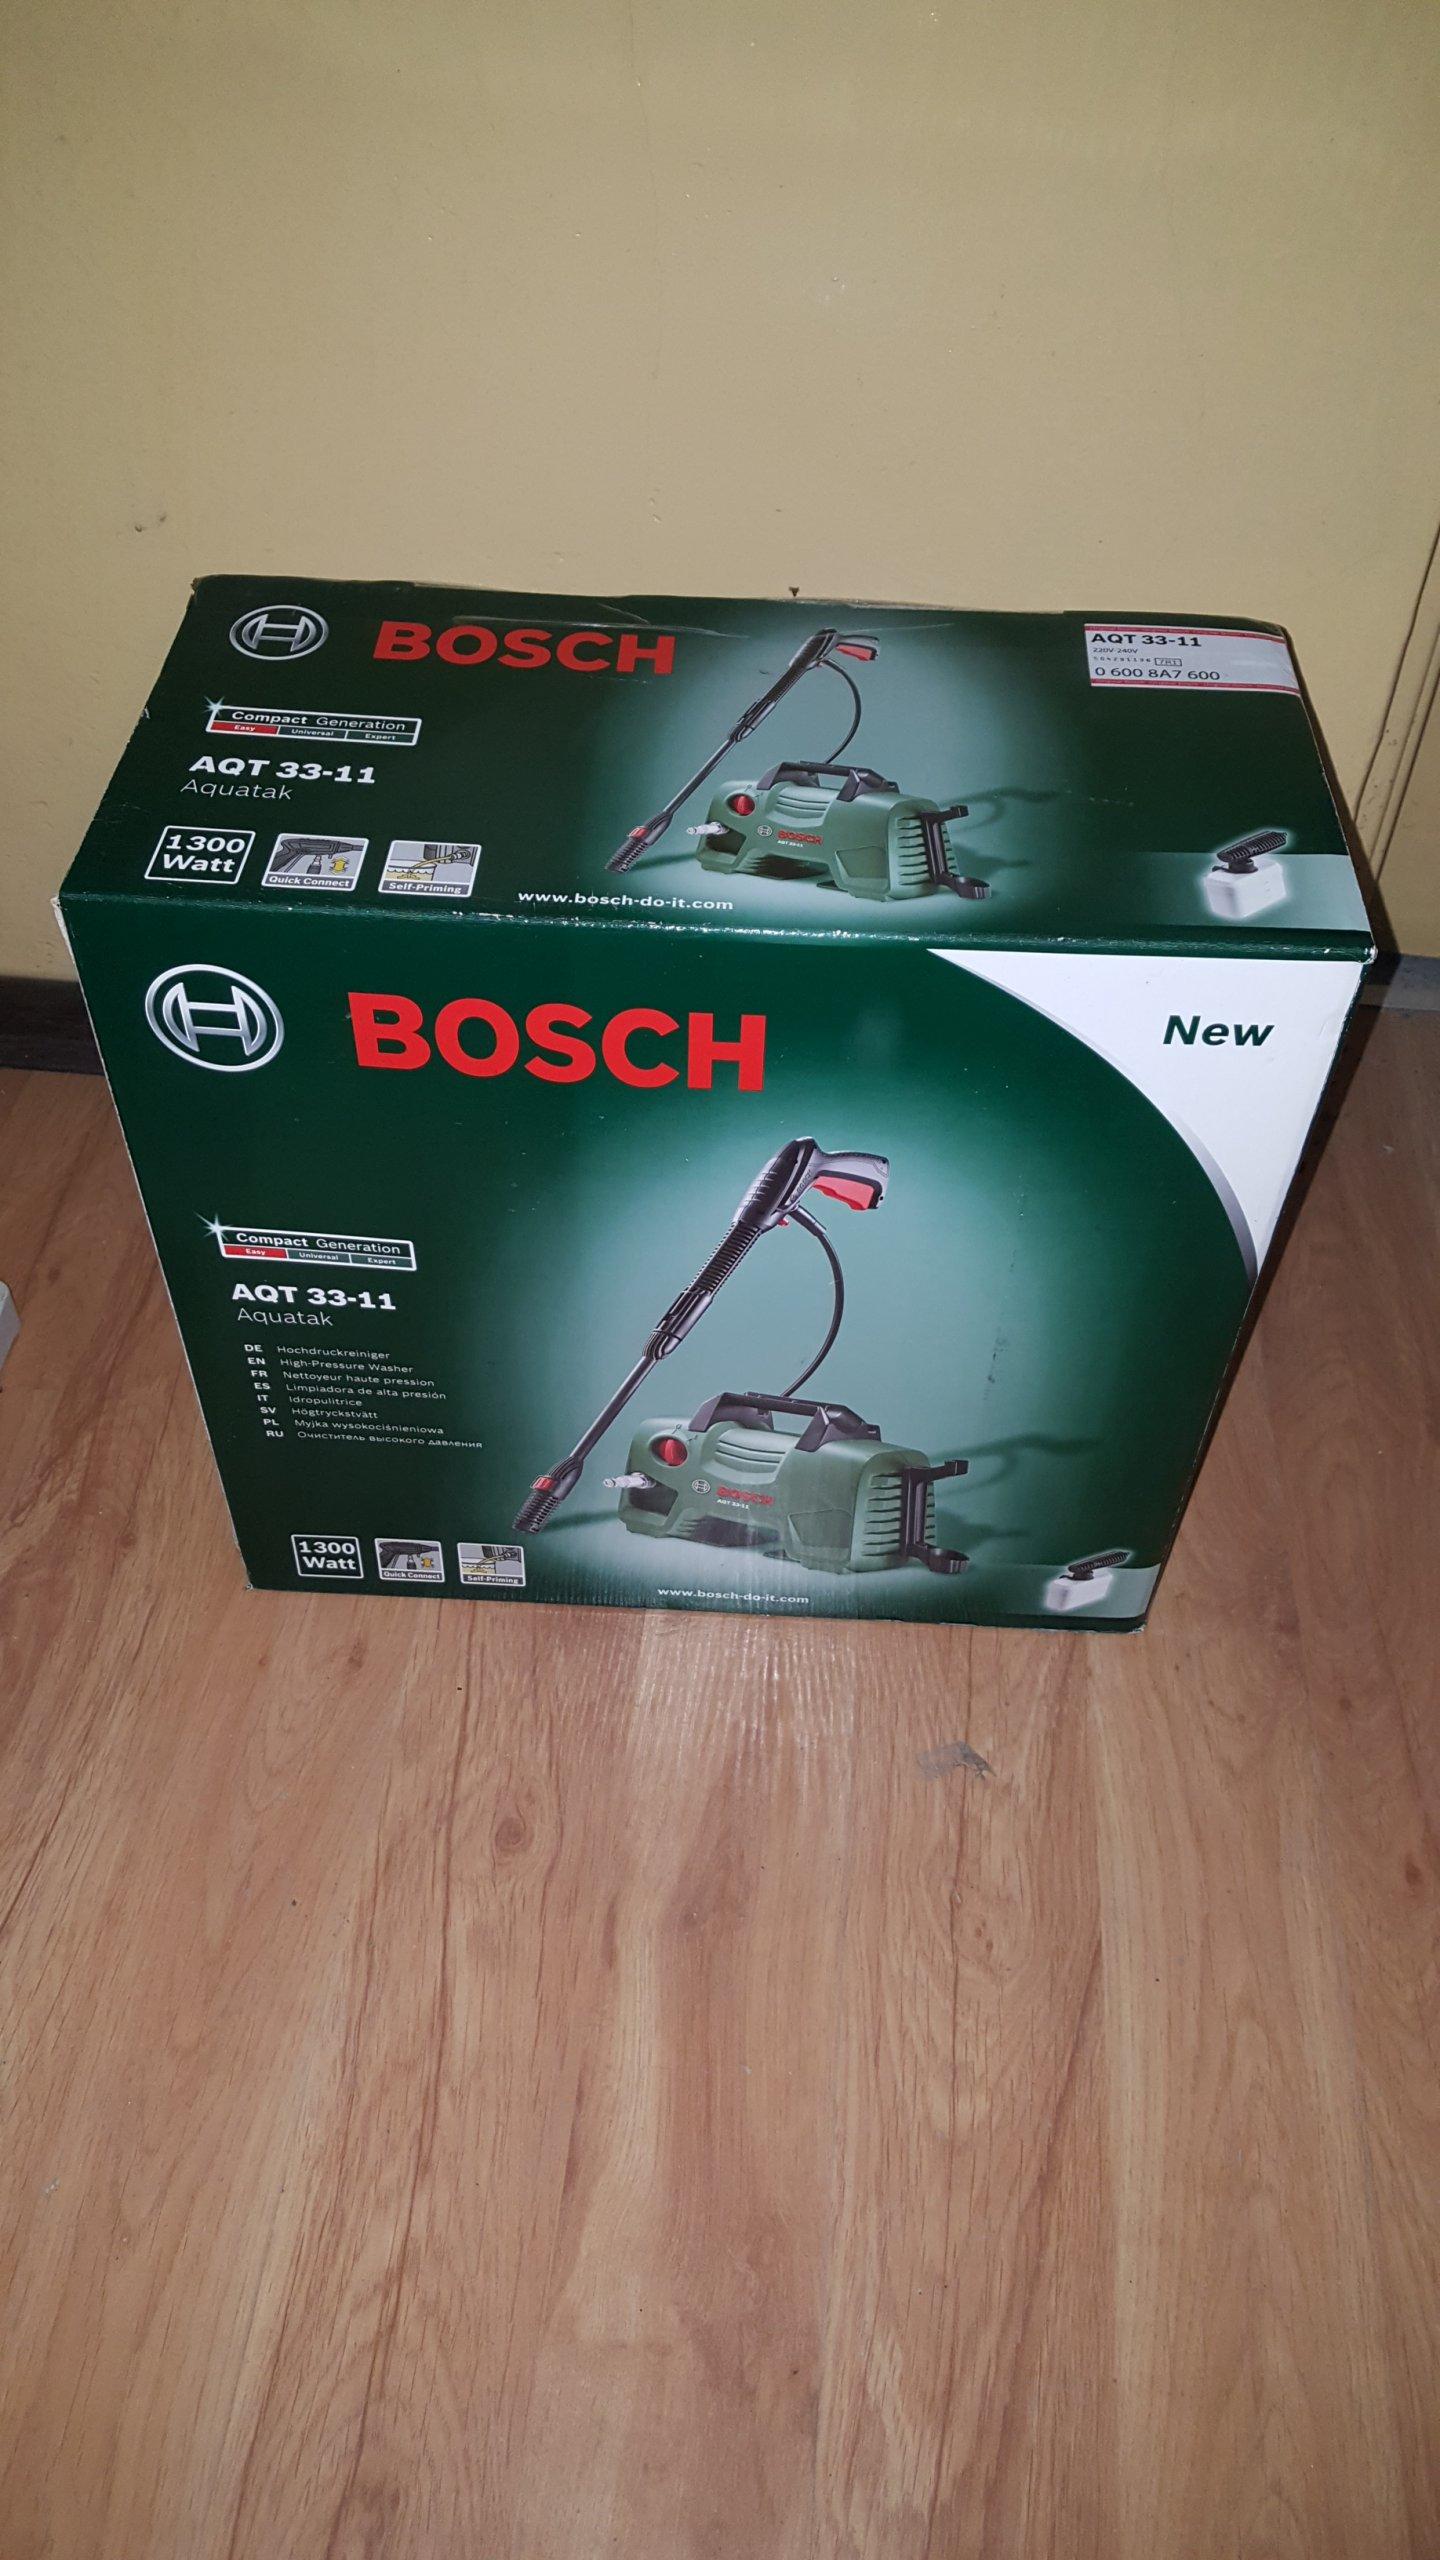 Bosch Myjka Cinieniowa Aqt 33 11 1300 Wat 7302559886 Oficjalne High Pressure Washer Aquatak Aqt33